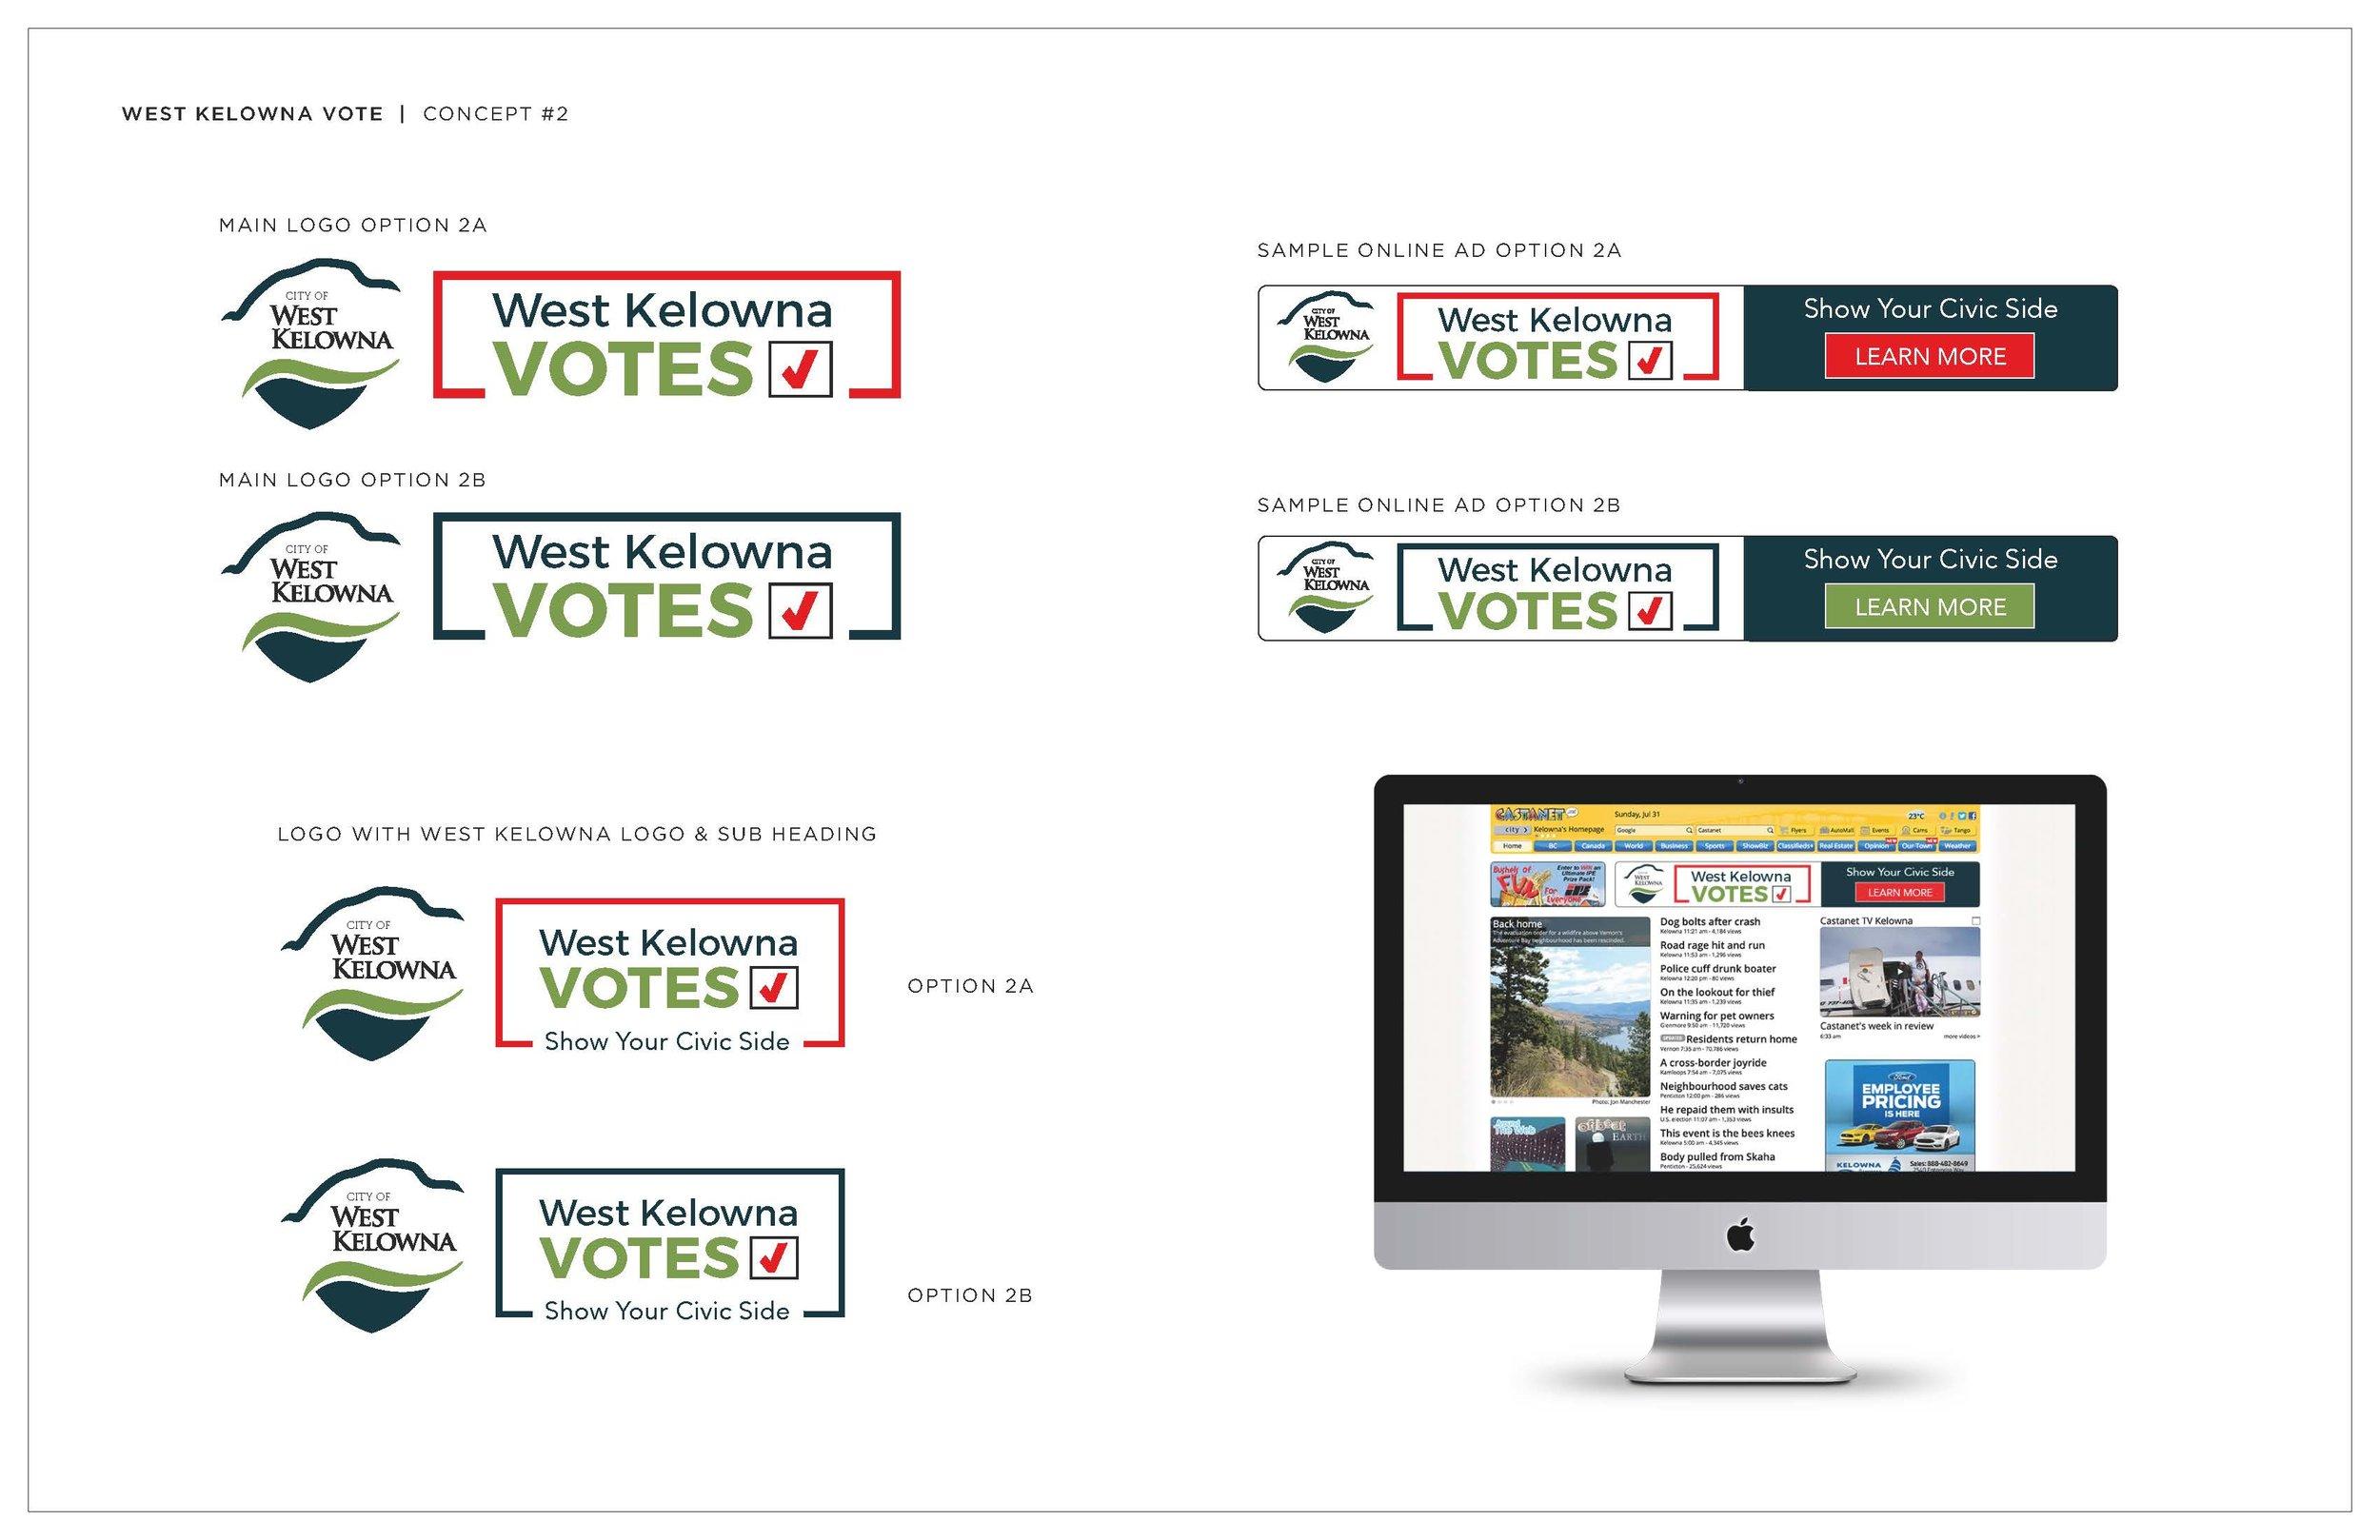 WKV_Concepts_v03_Page_2.jpg